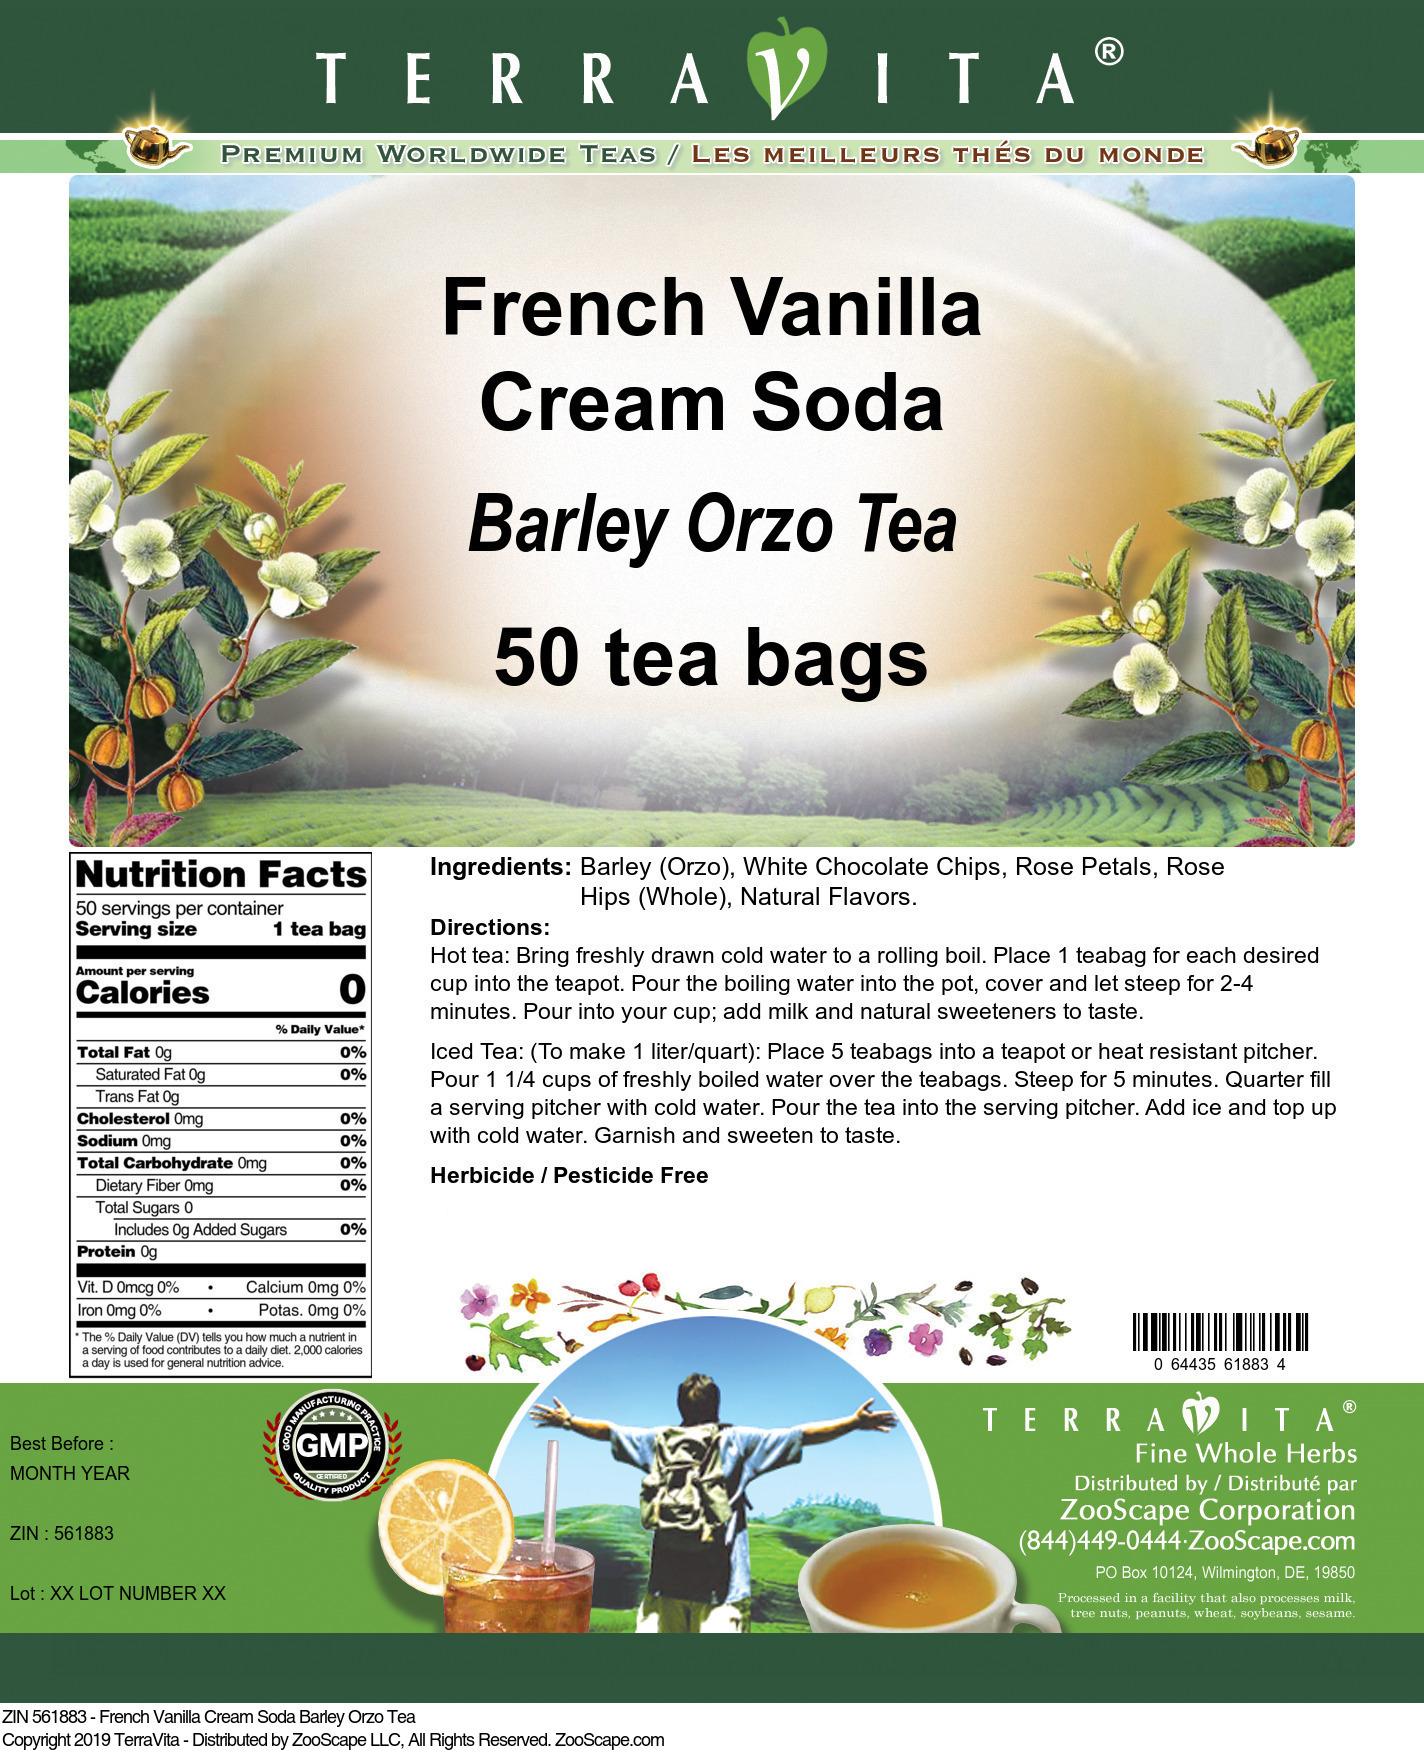 French Vanilla Cream Soda Barley Orzo Tea